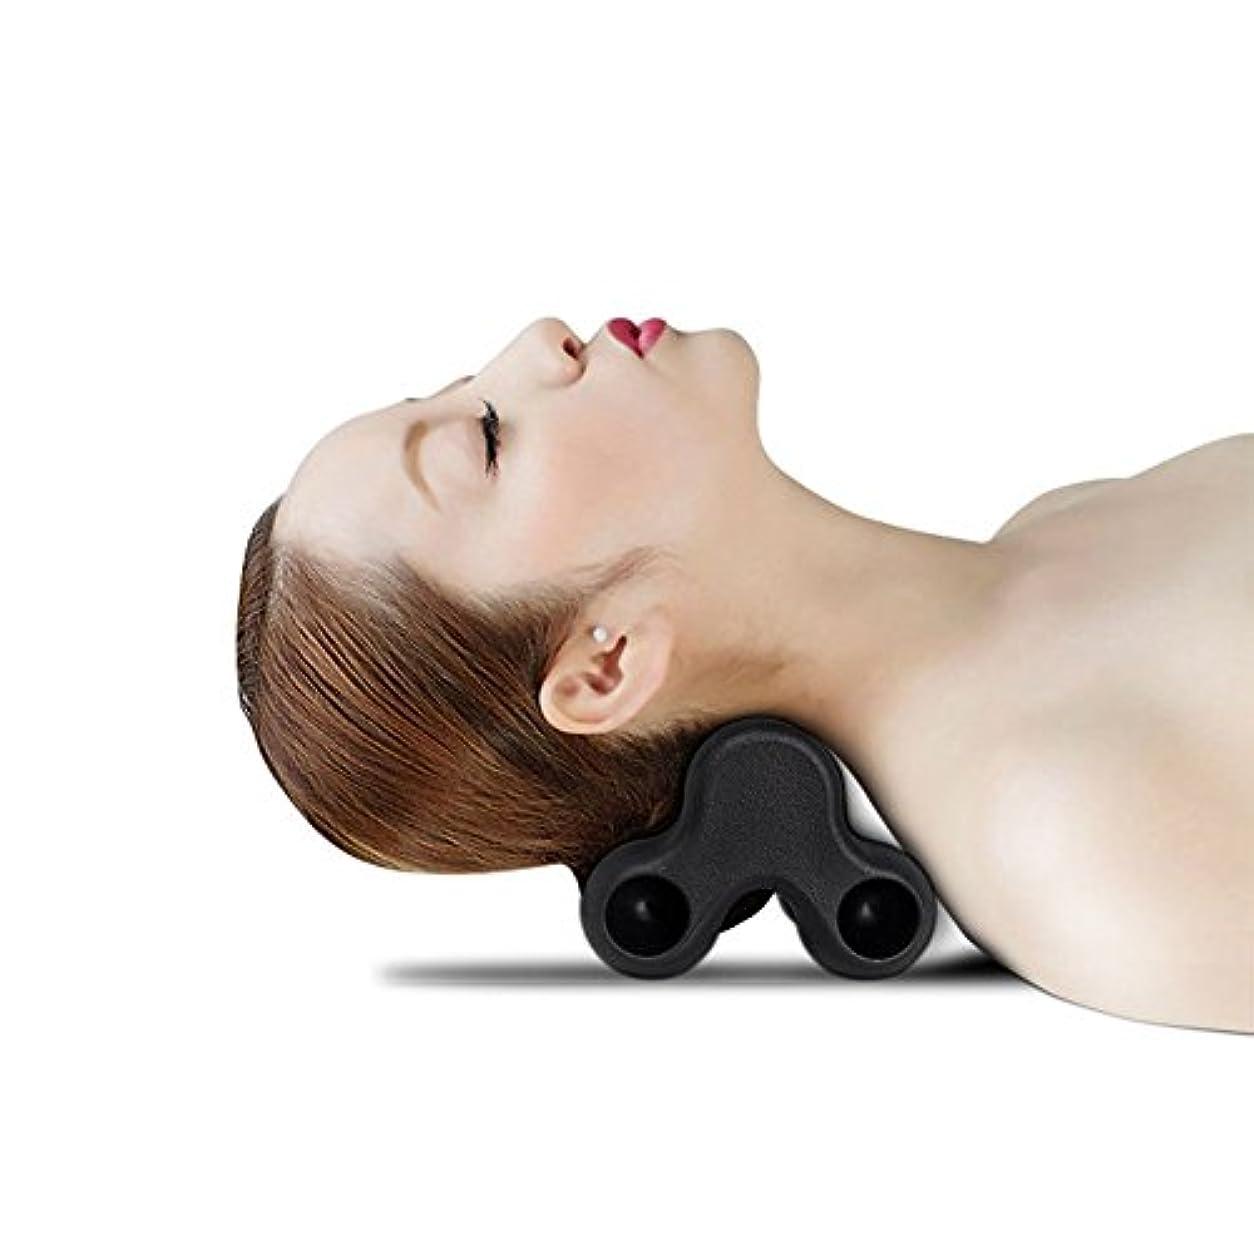 奨励望ましい中庭SYNC ツボ押し グリグリ 強力 マッサージ 枕 指圧感 ピロー ツボ 多用途 (ブラック)